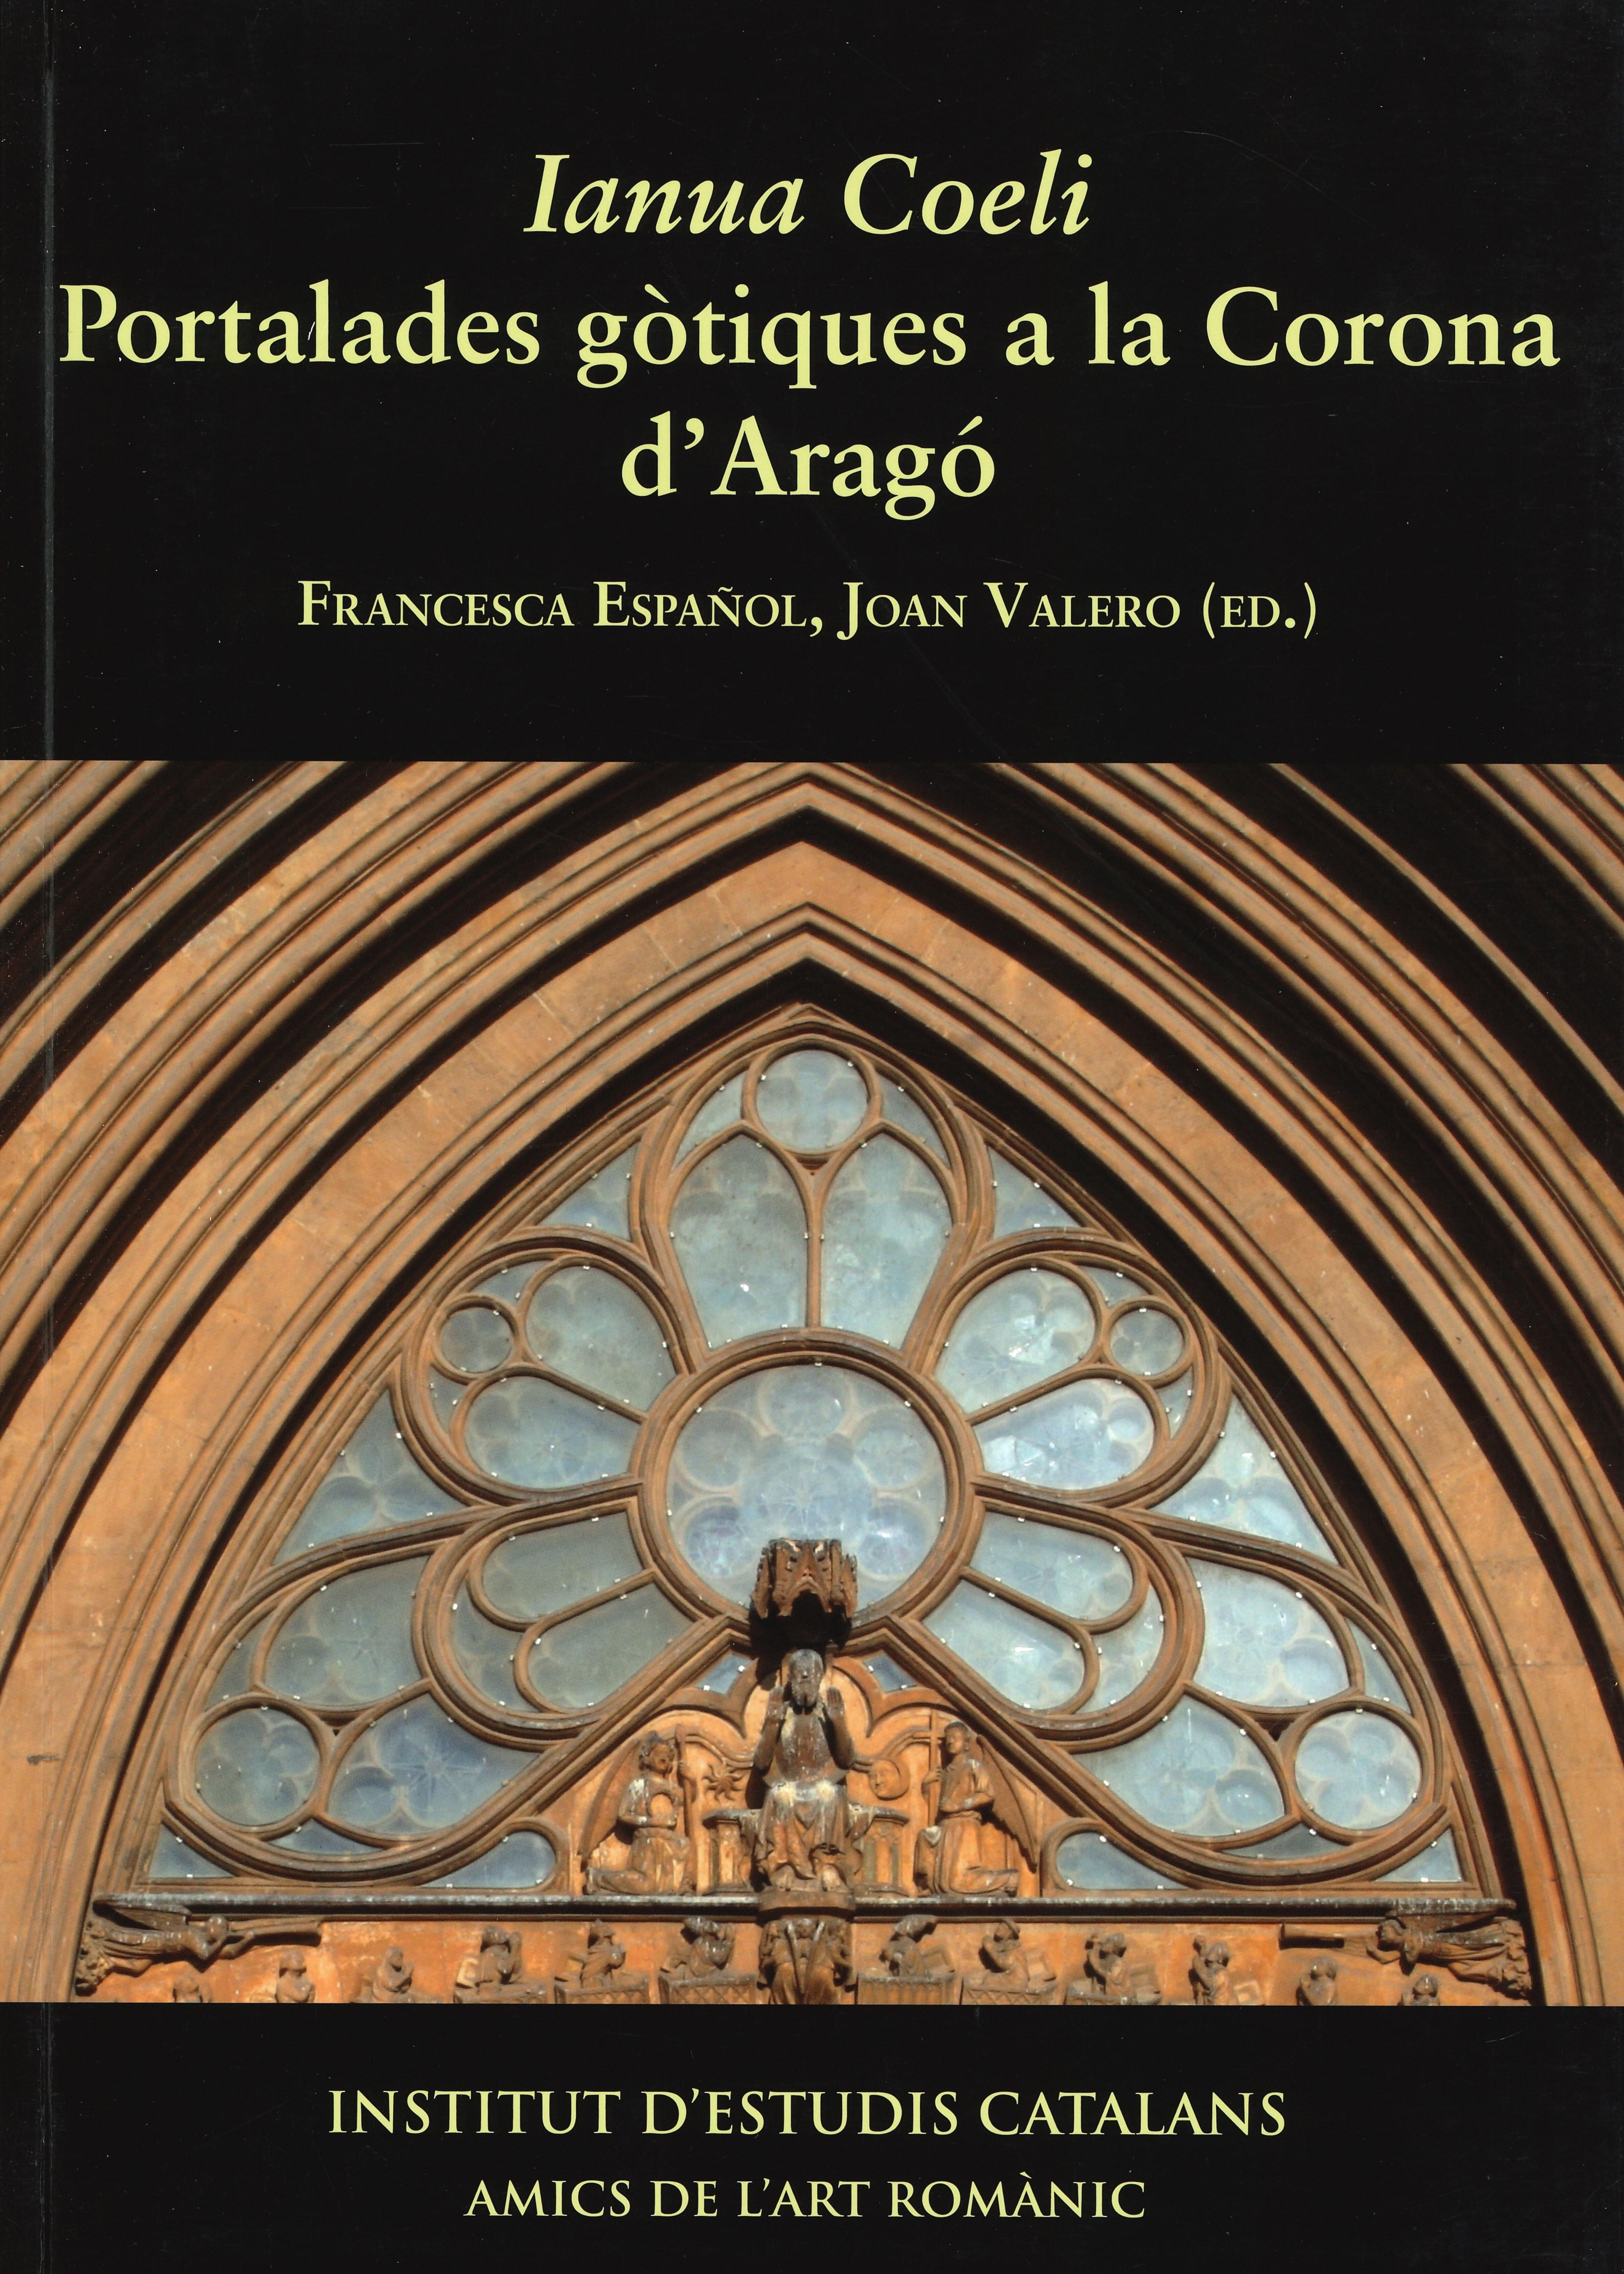 portalades_gotiques_arago.jpg